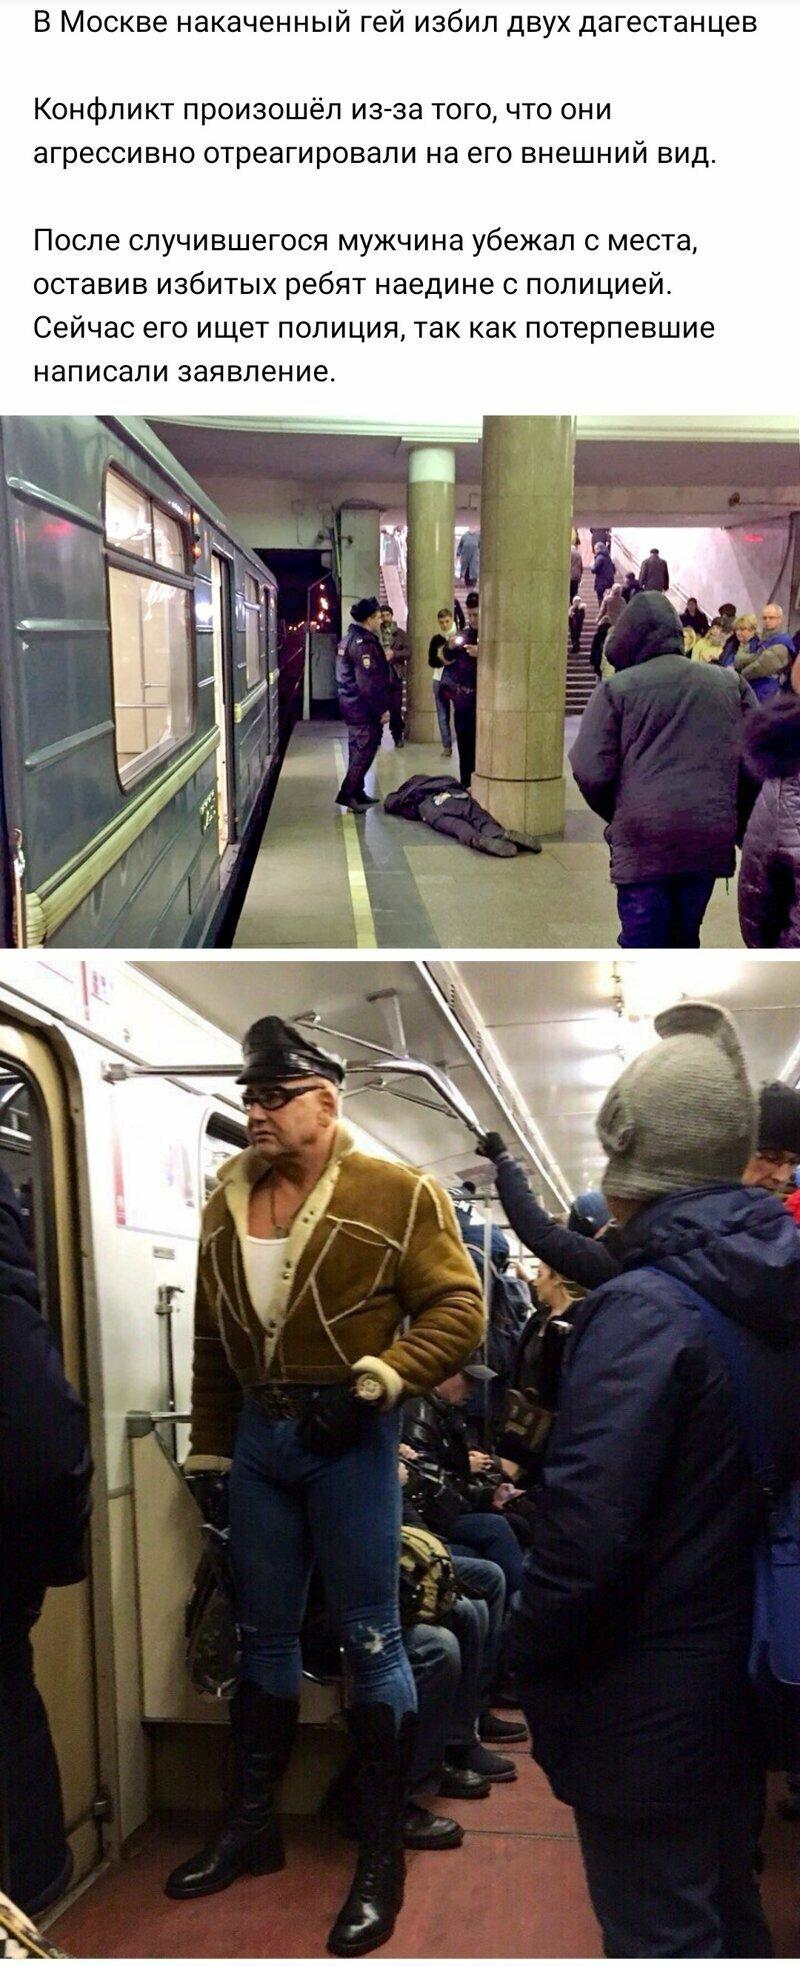 Фейк. Первое фото происшествие, где мужчина упал на рельсы. Никакого гея, бьющего дагестанцев зафиксировано не было